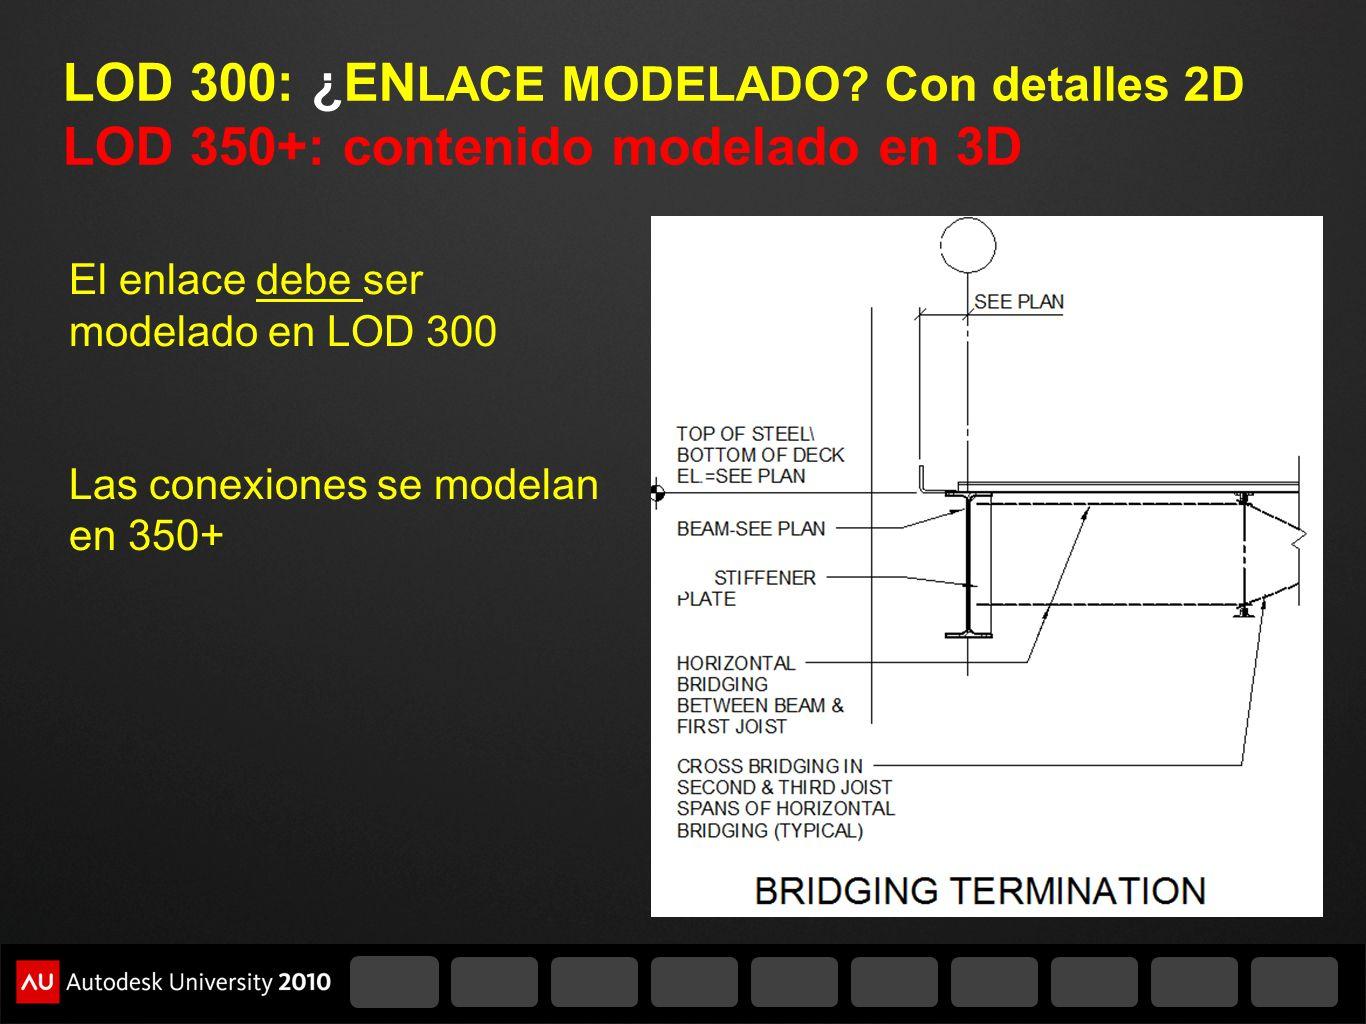 LOD 300: ¿EN LACE MODELADO? Con detalles 2D LOD 350+: contenido modelado en 3D El enlace debe ser modelado en LOD 300 Las conexiones se modelan en 350